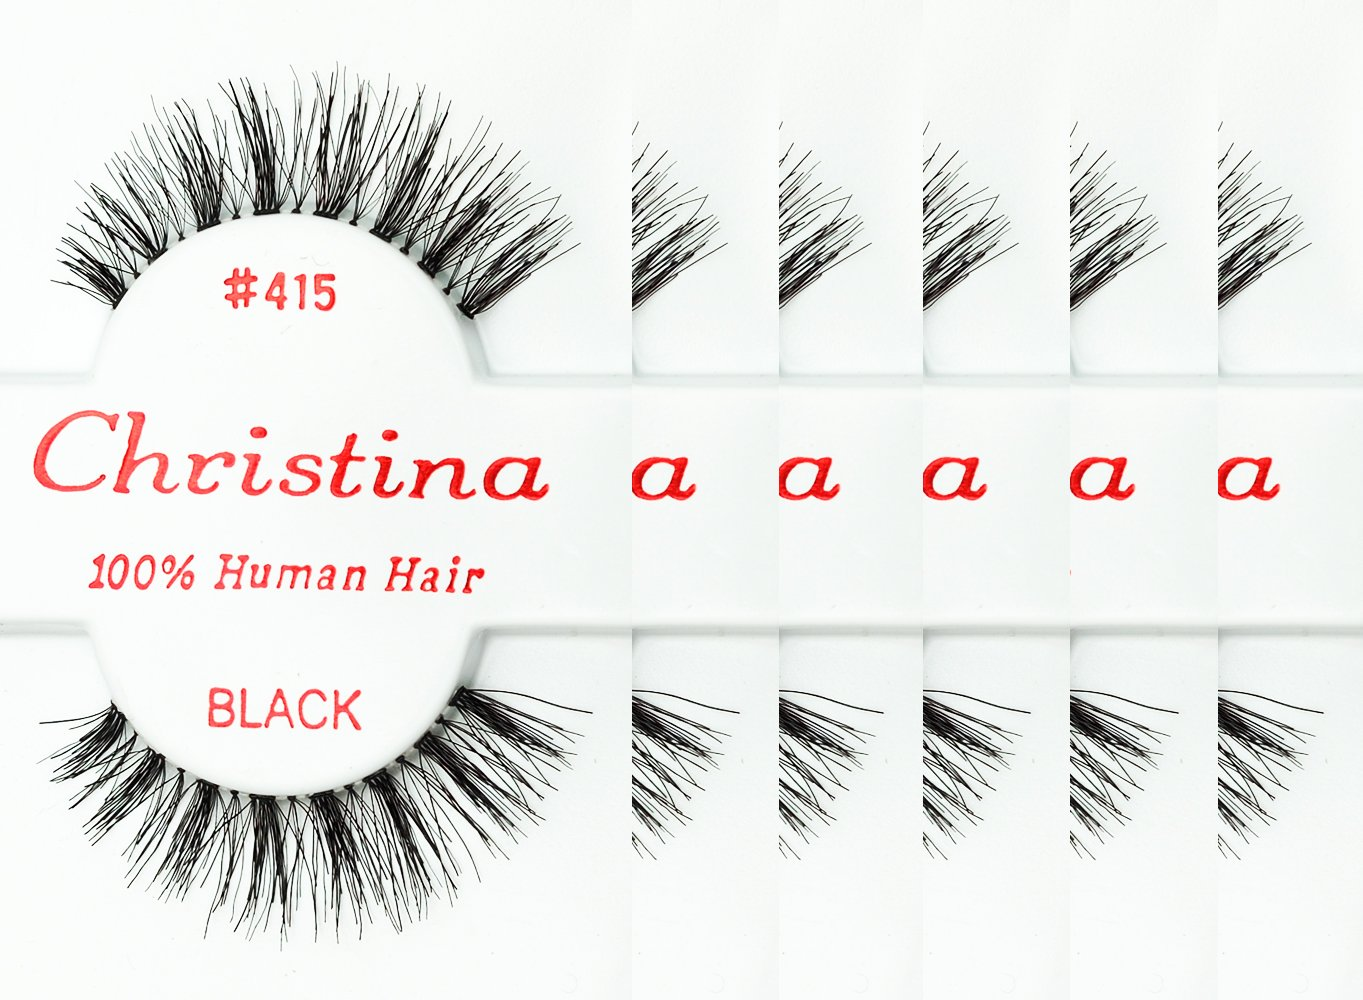 Amazon 6packs Eyelashes 415 Christina Beauty